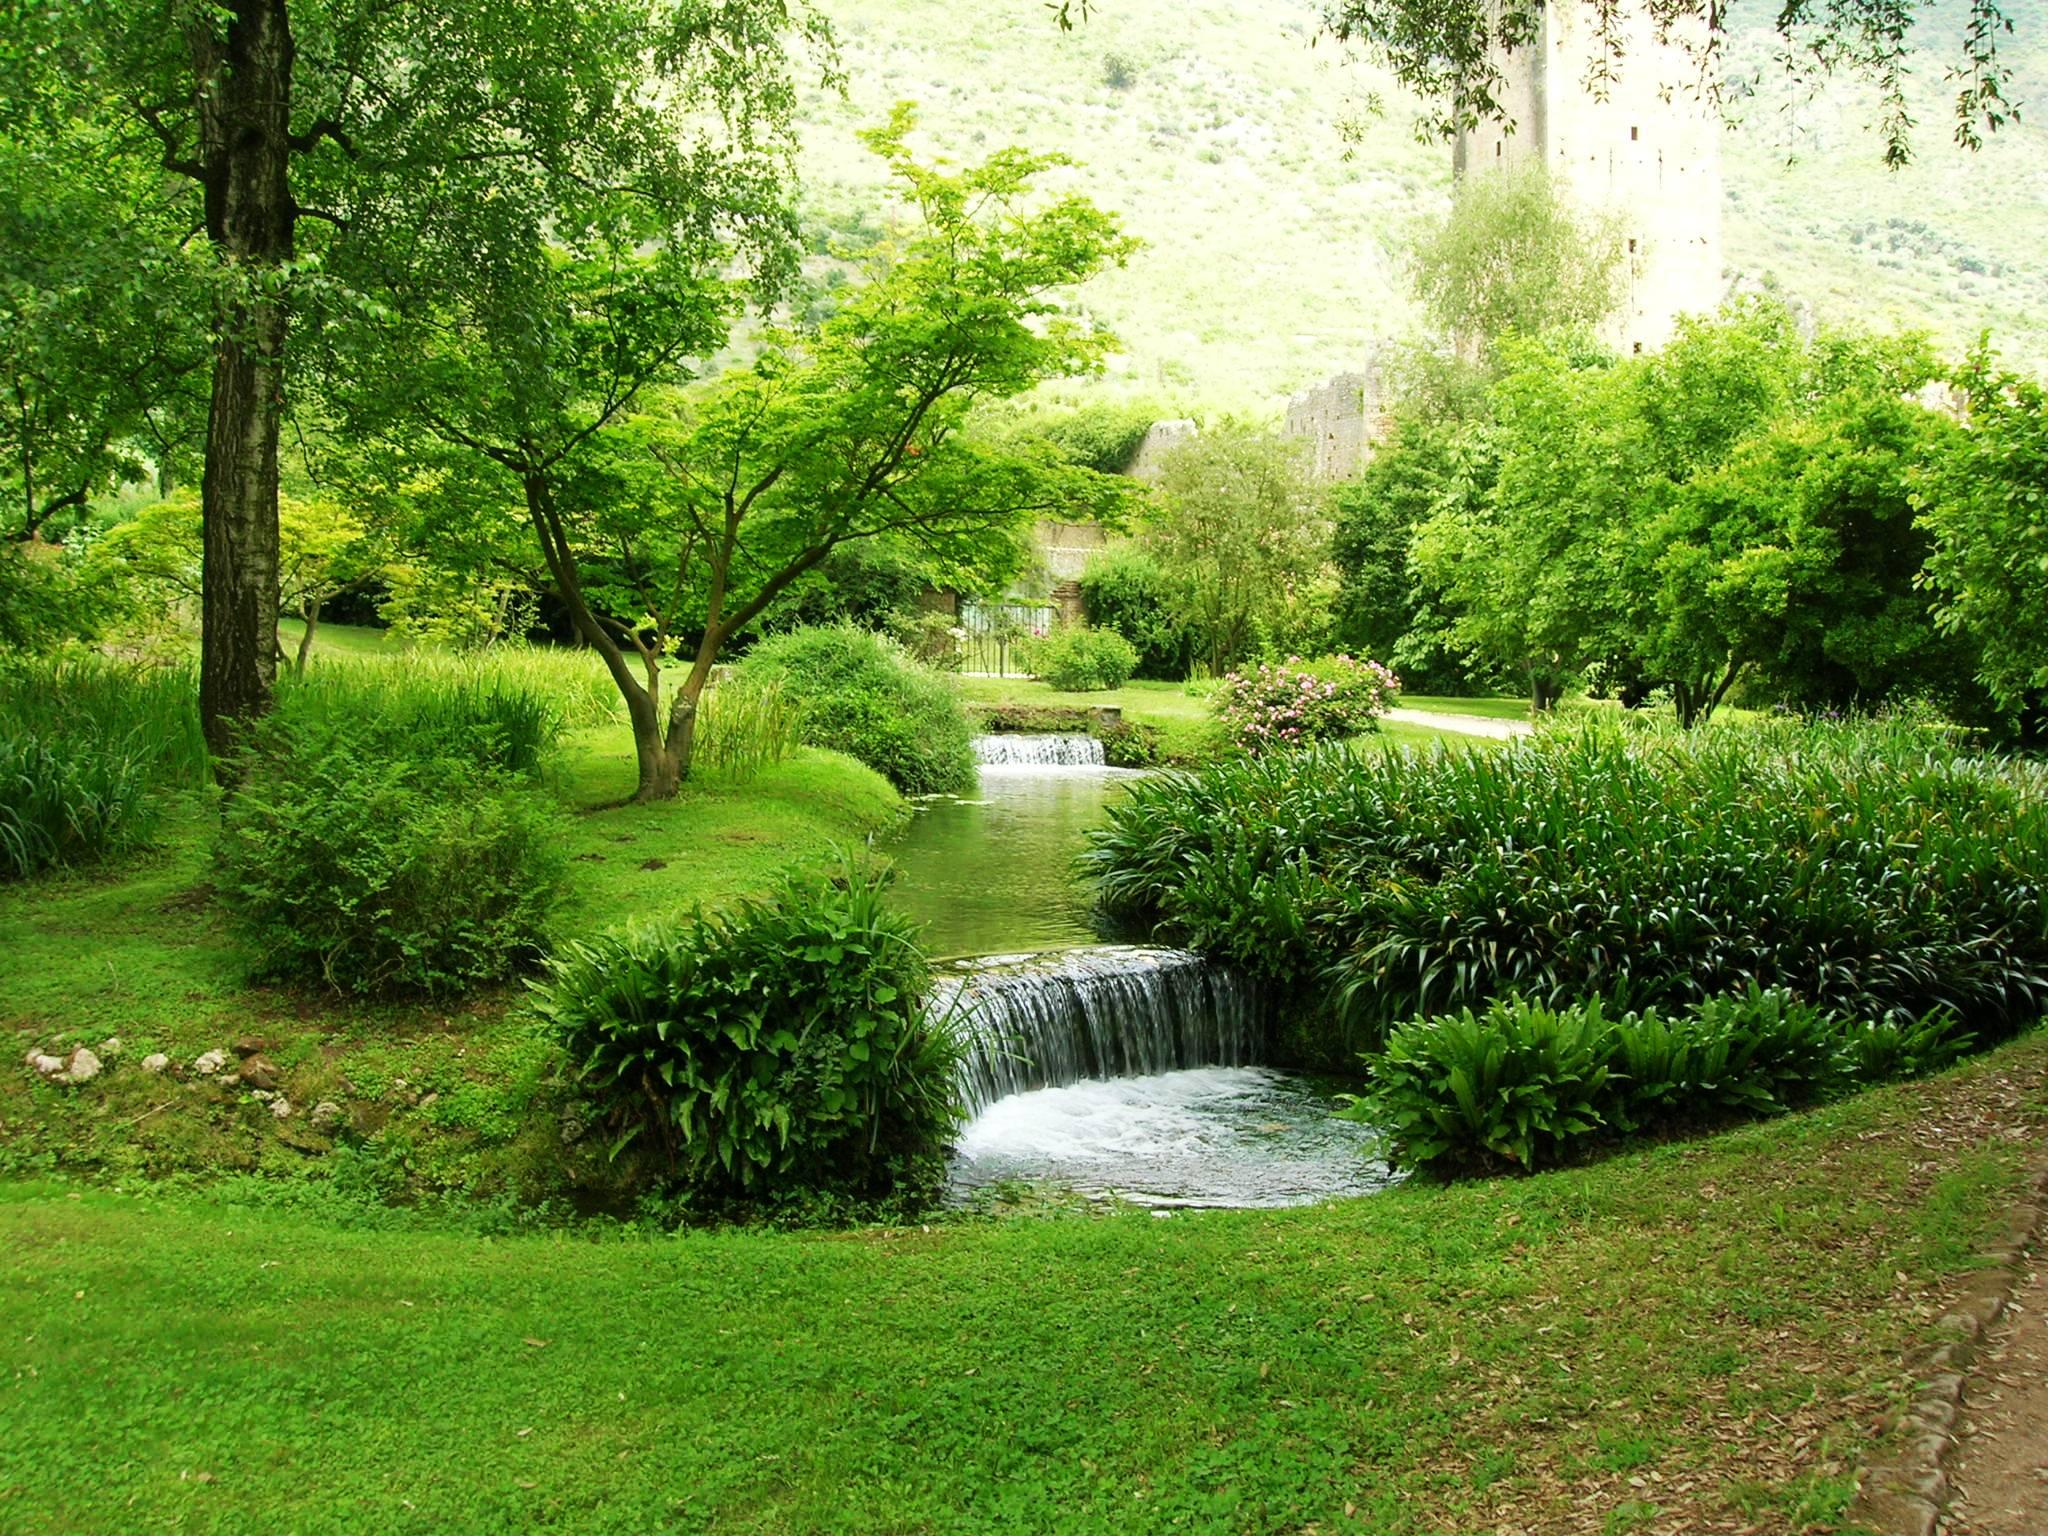 giardino-di-ninfa-13